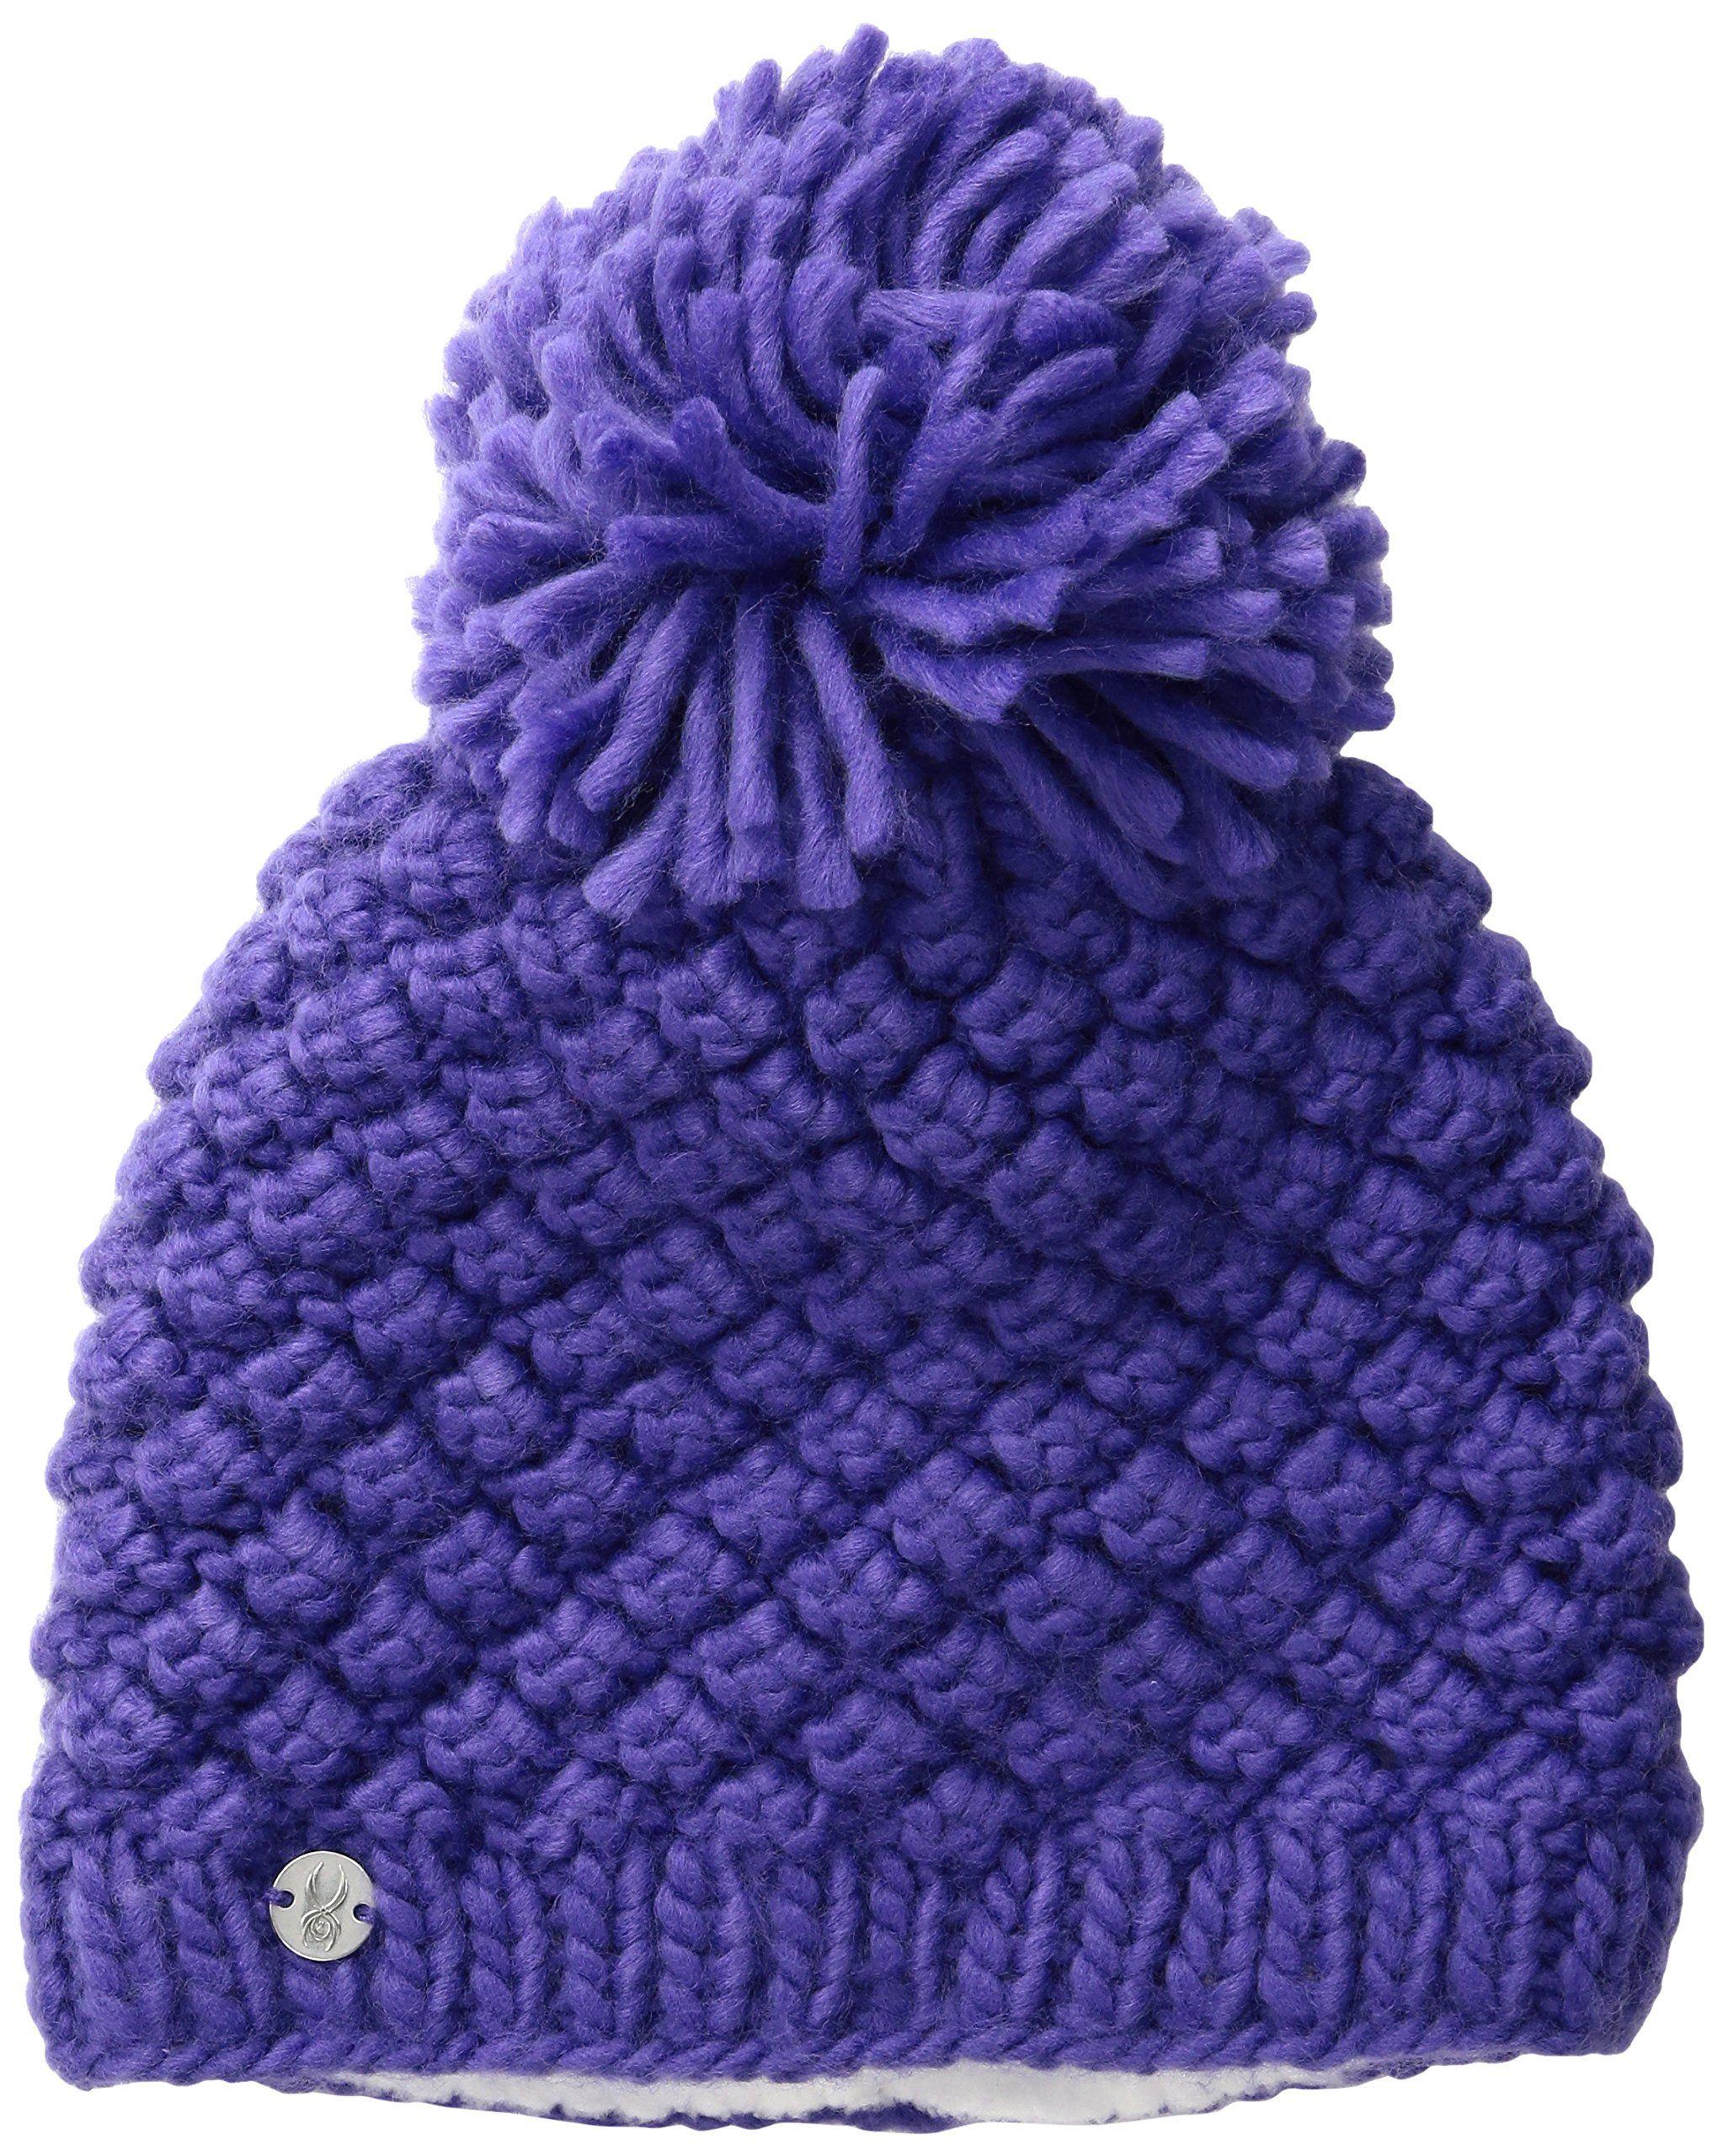 39985dd97bf Spyder Girls Brrr Berry Hat